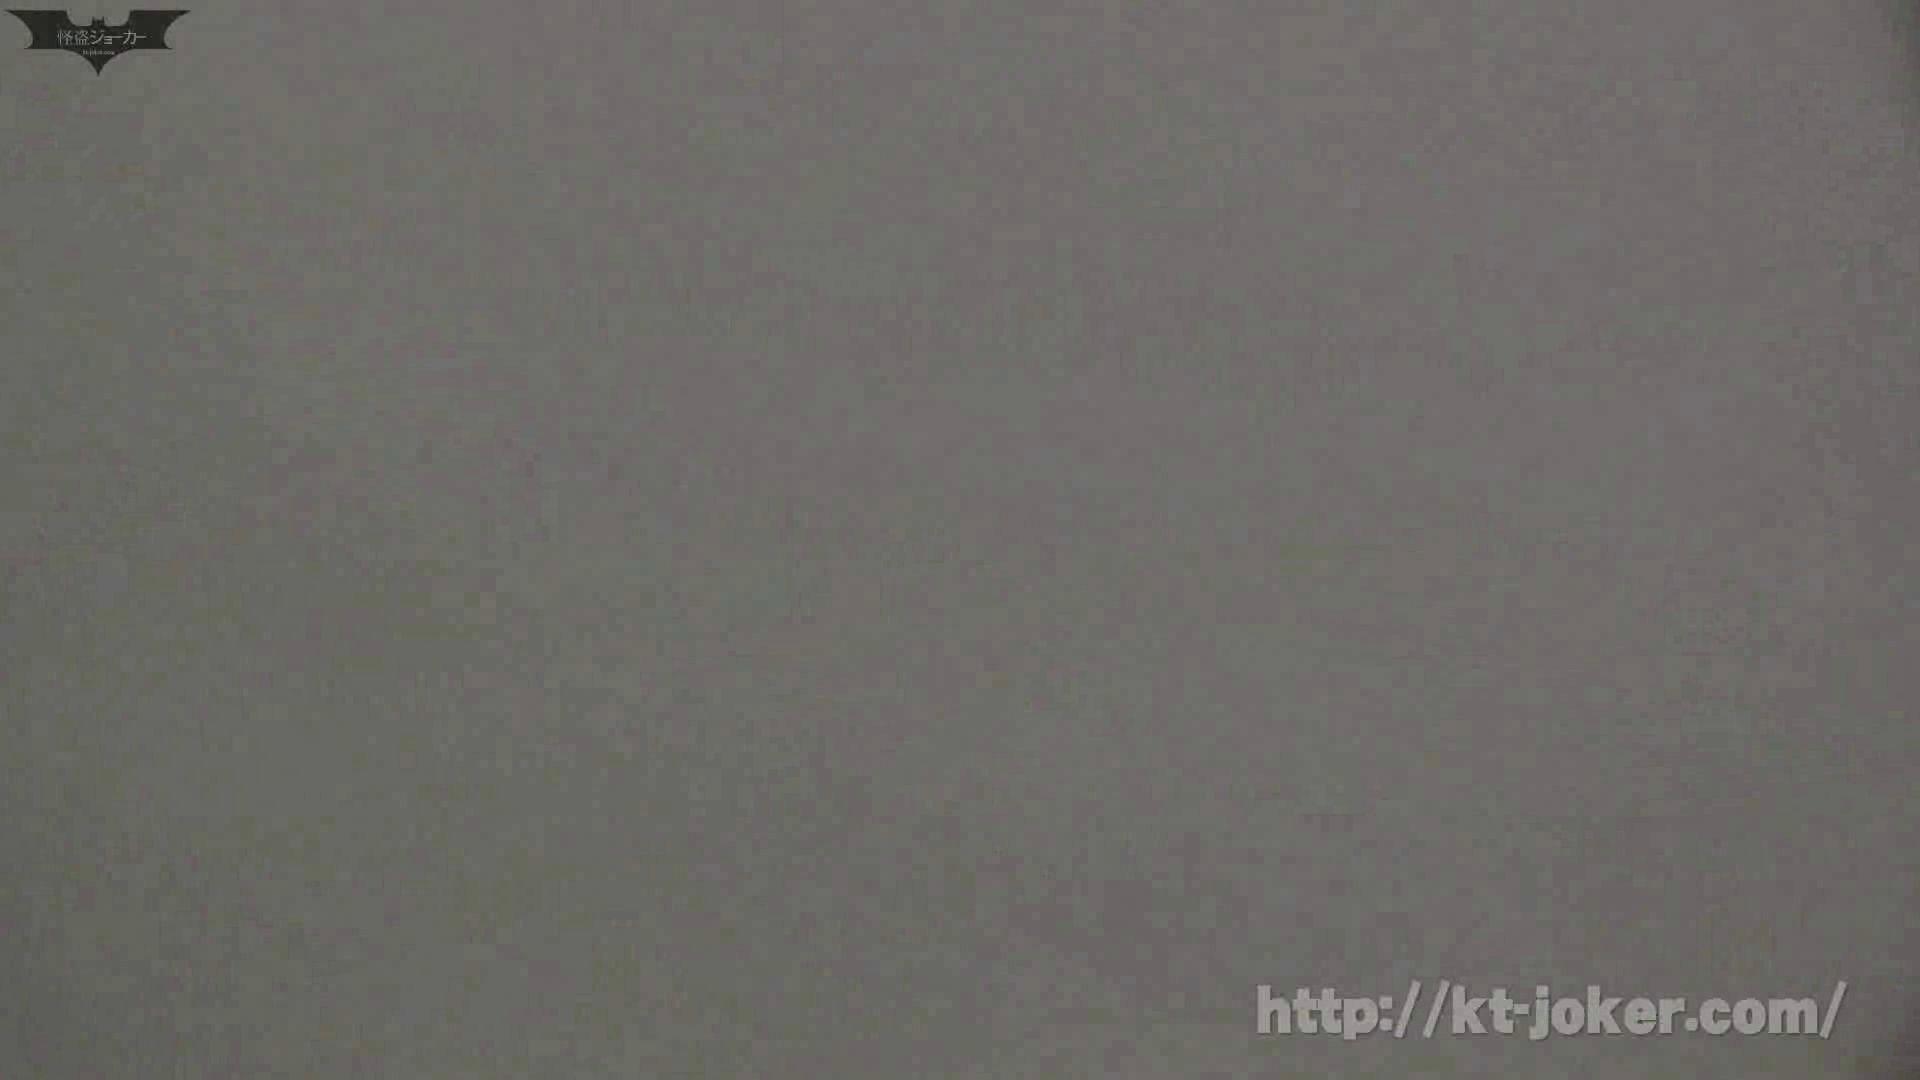 命がけ潜伏洗面所! vol.55 モデル級?「いやモデルだね!」な美女登場! 美女 ワレメ動画紹介 92連発 27